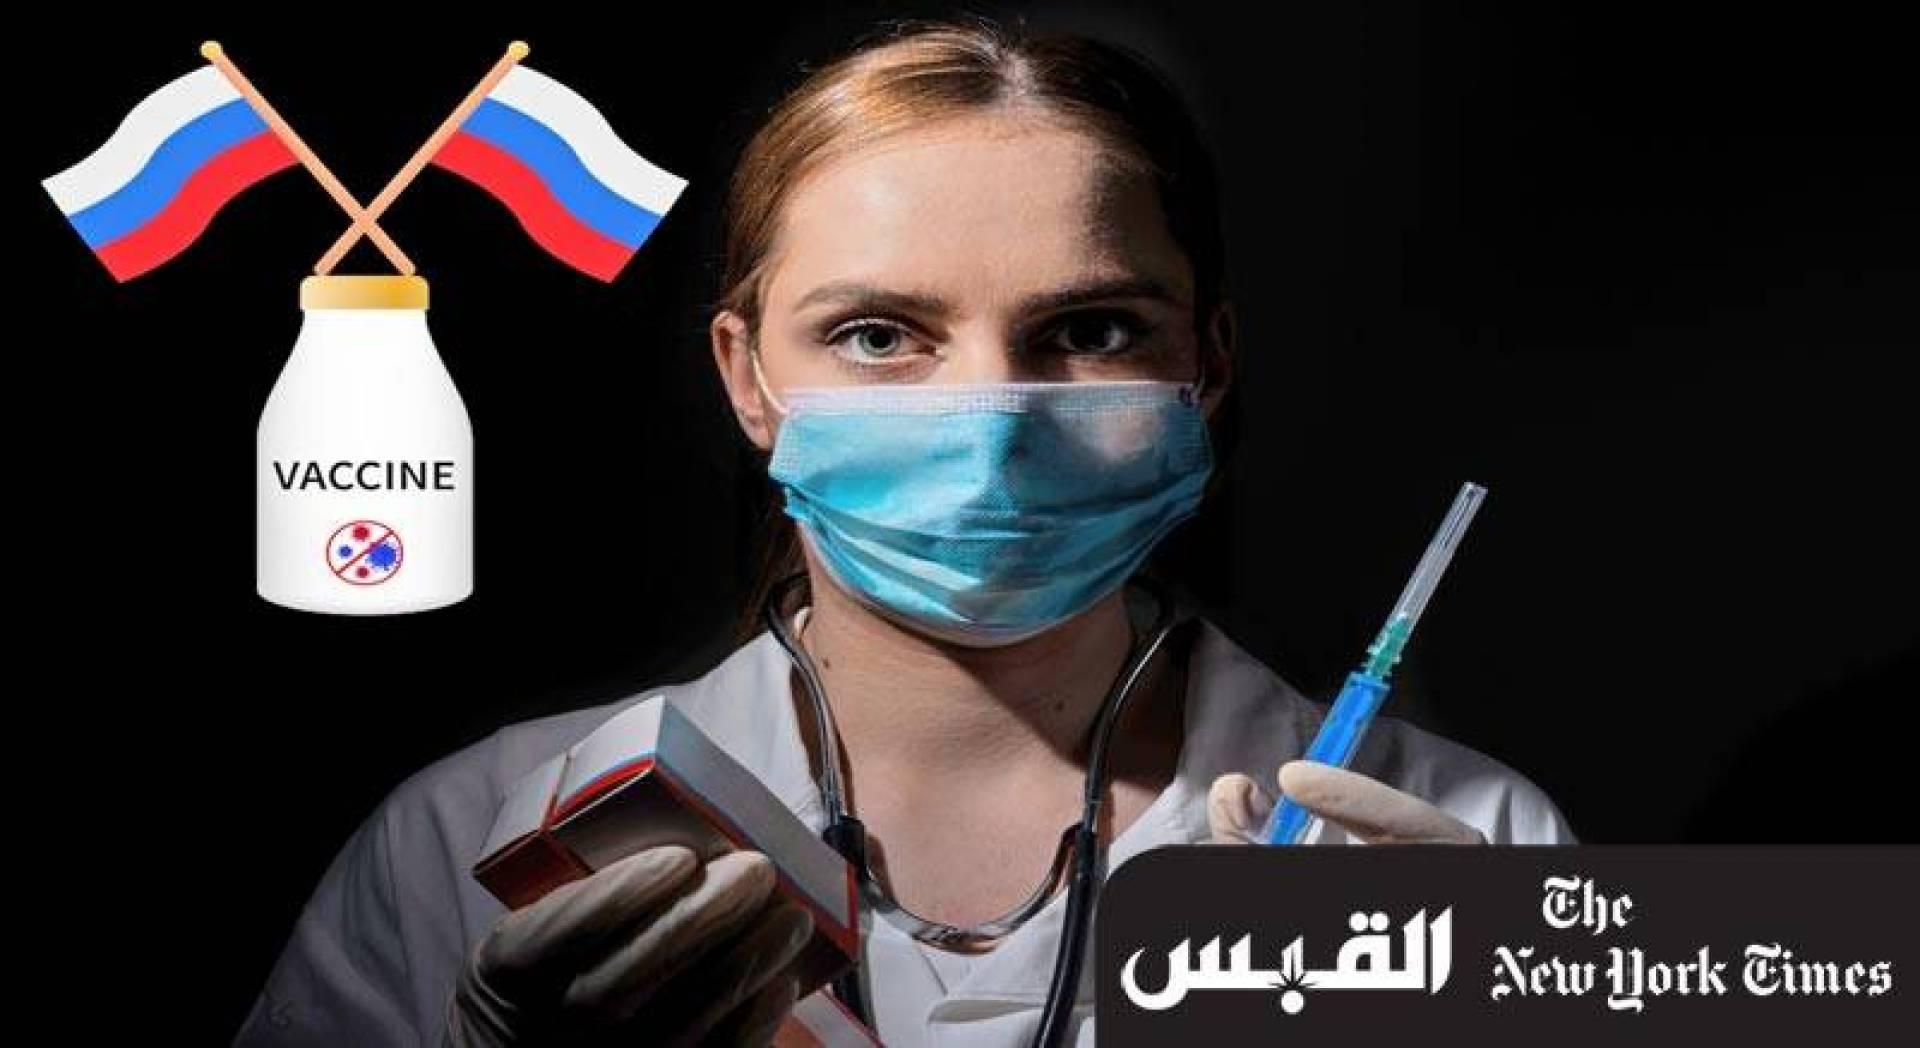 خبراء أوبئة: لقاح روسيا ضد «كورونا».. مخاطرة حقيقية